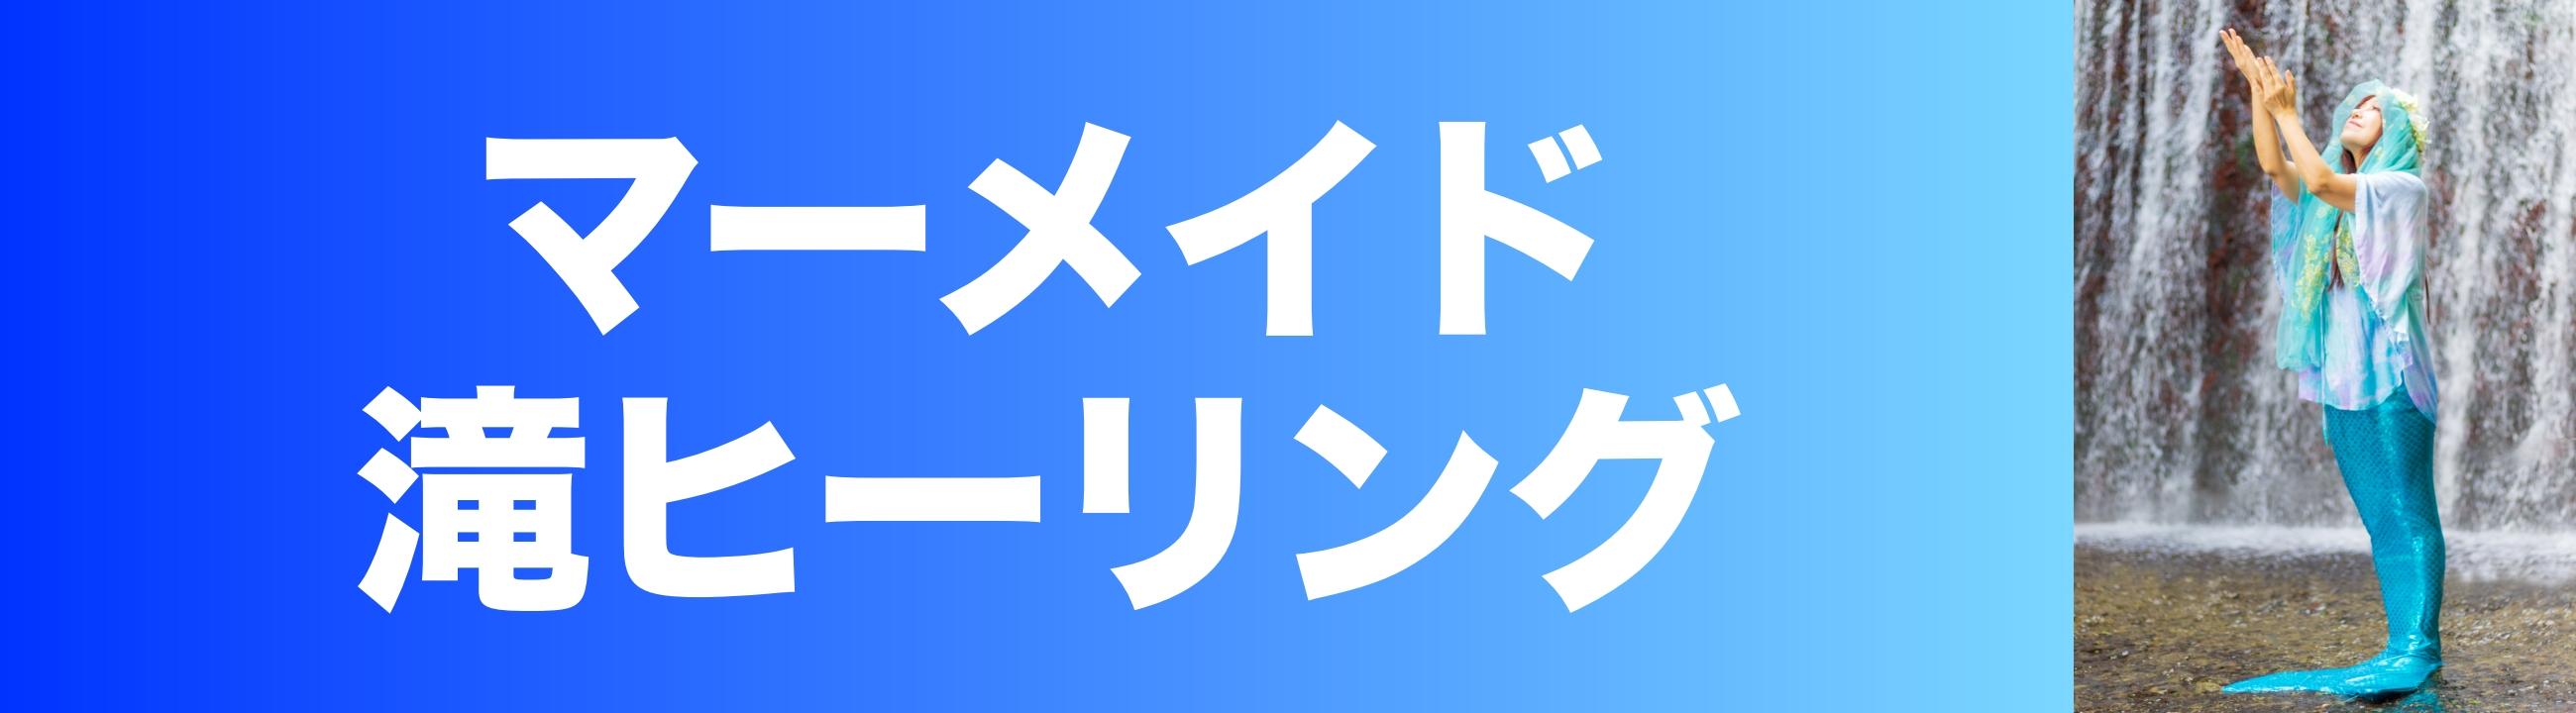 20200528_マーメイド滝ヒーリング_サイドボタン_01-02